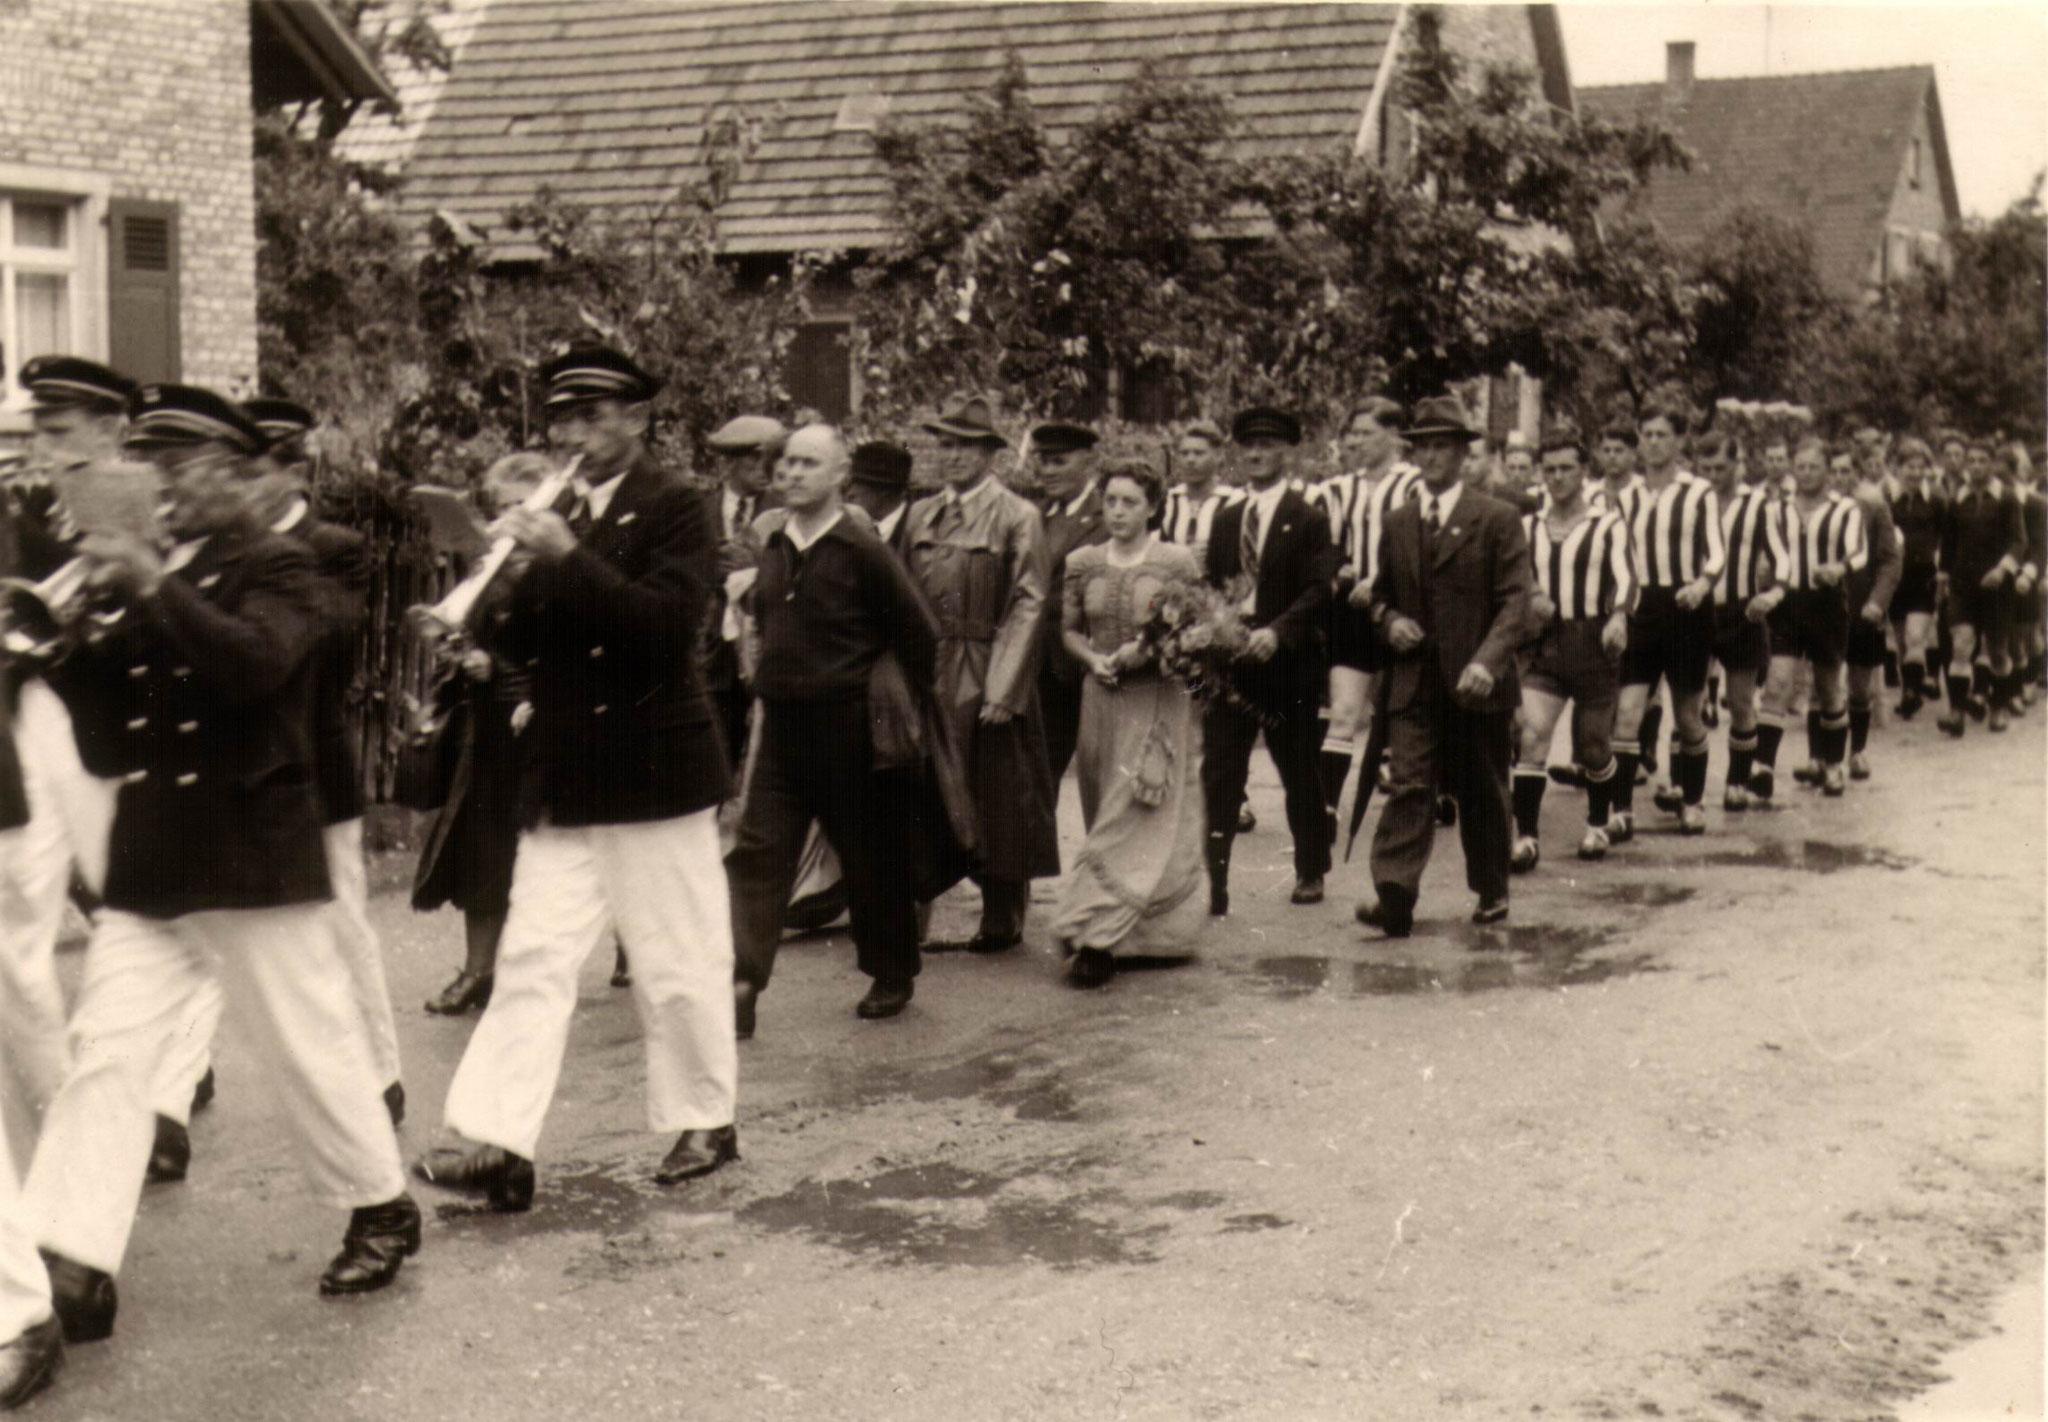 Sportfest 1948 - Umzug durchs   Dorf mit Musikverein